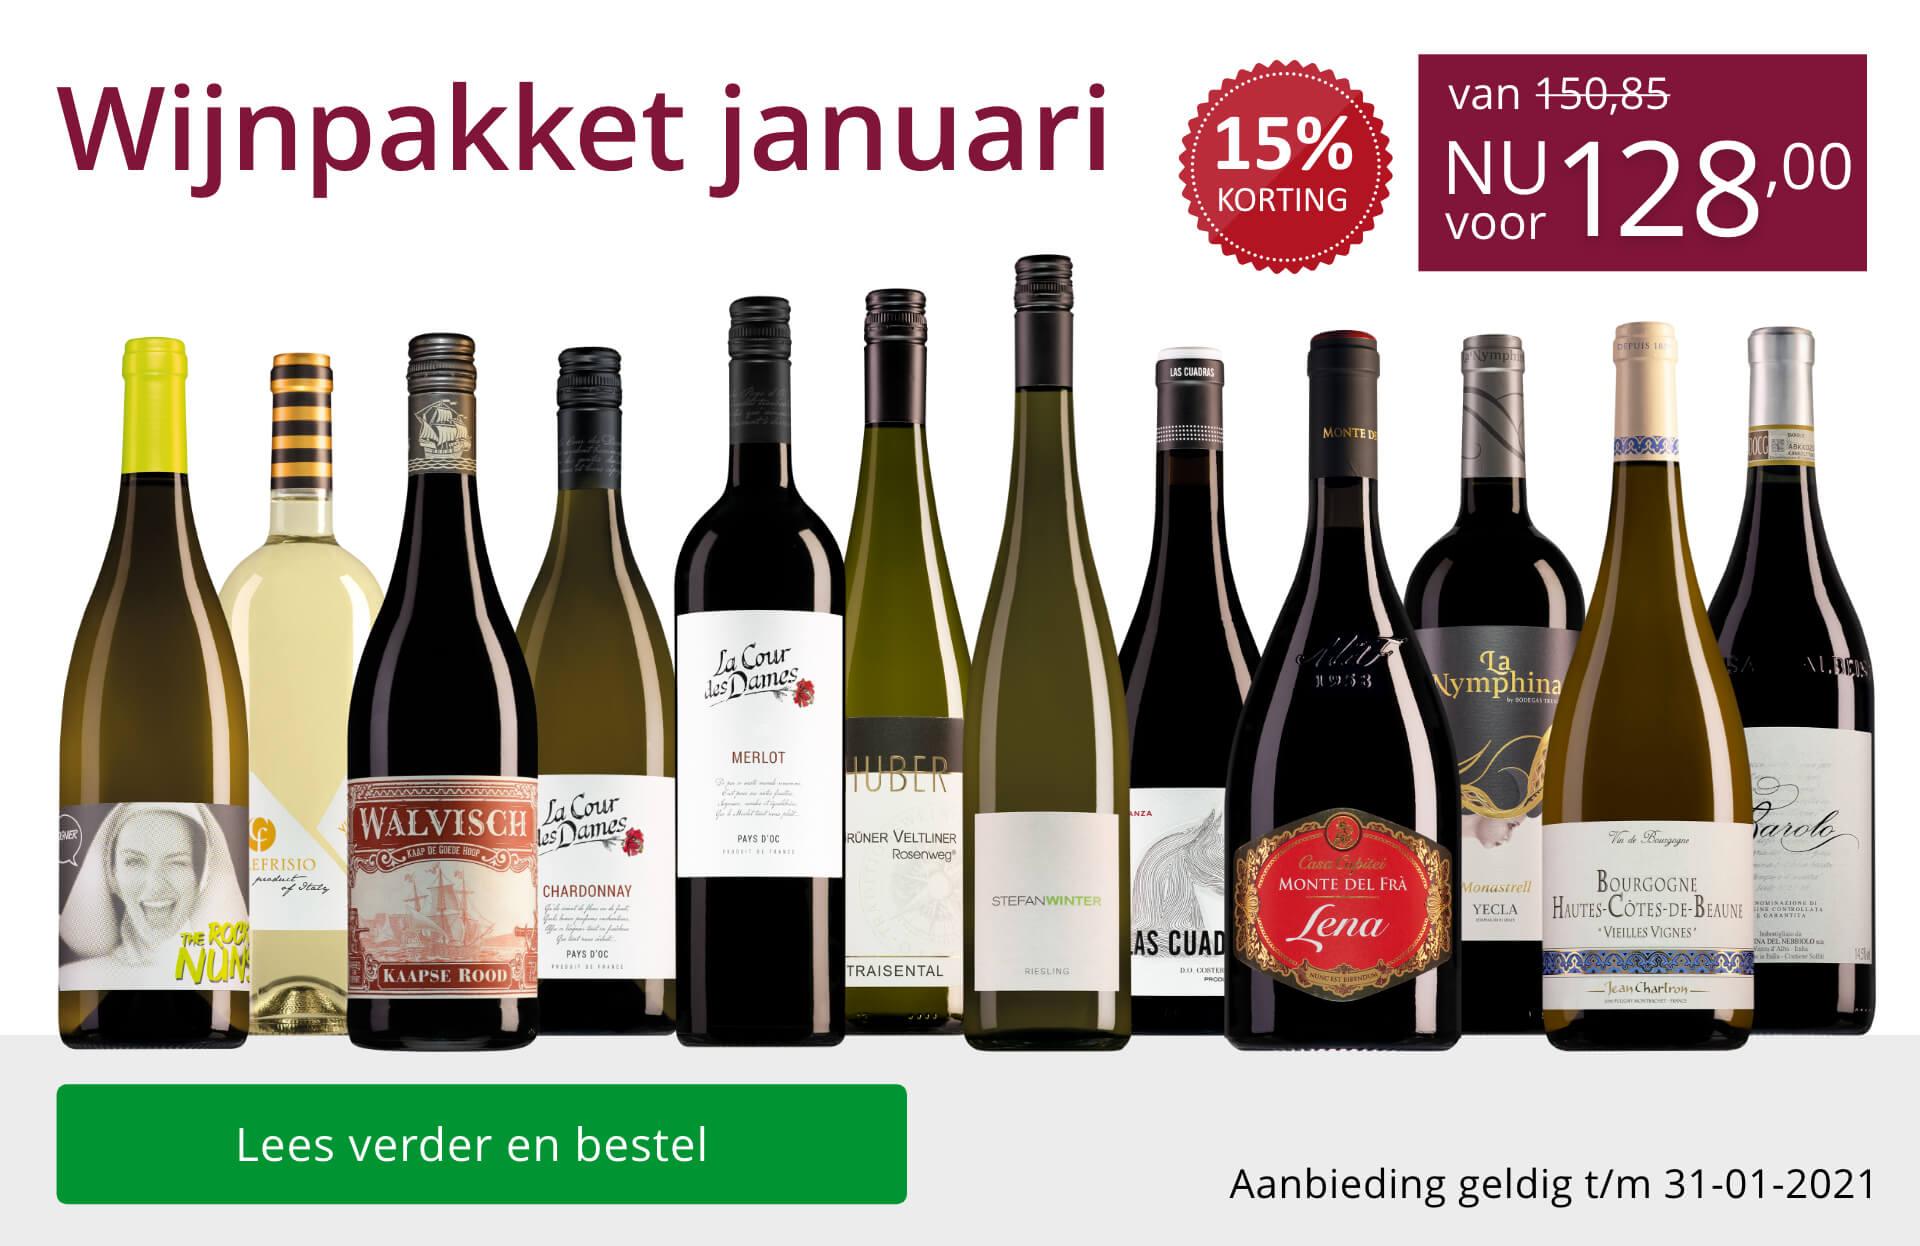 Wijnpakket wijnbericht januari 2021 (128,00) - paars